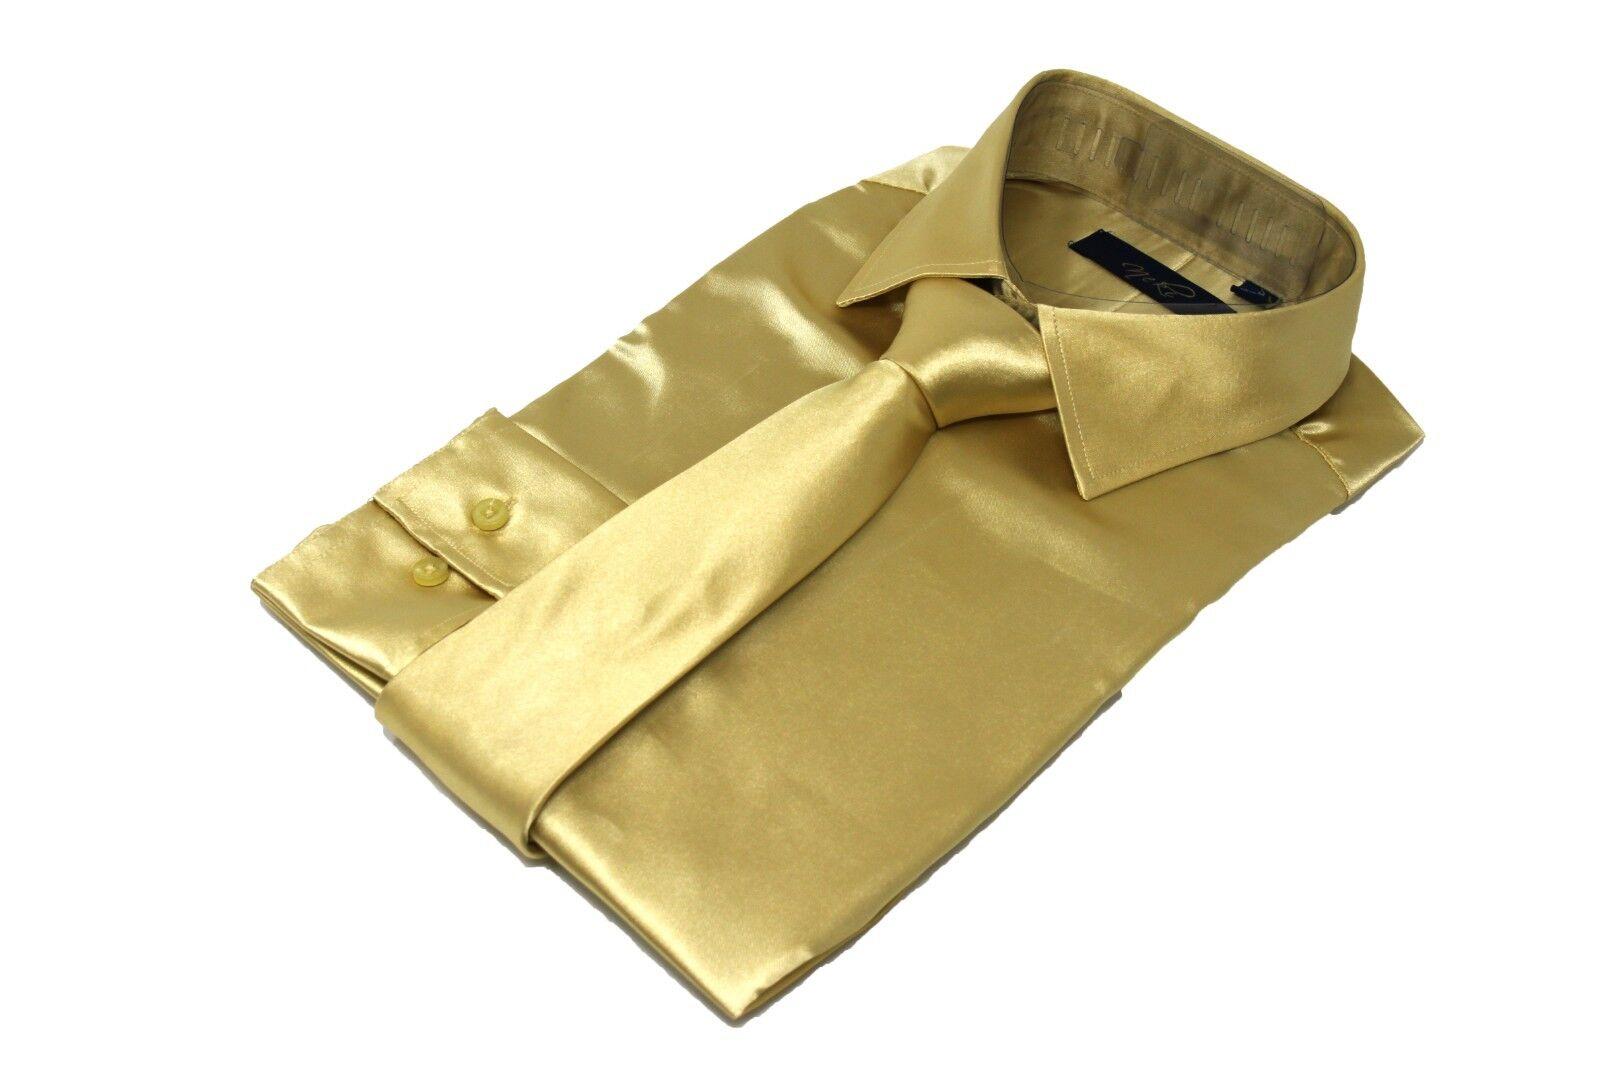 Mens Premium Premium Premium High Quality Double Cuff Satin Silk Look Dress Shirt All Größes UK | Günstige Bestellung  | Sonderkauf  a25cd6